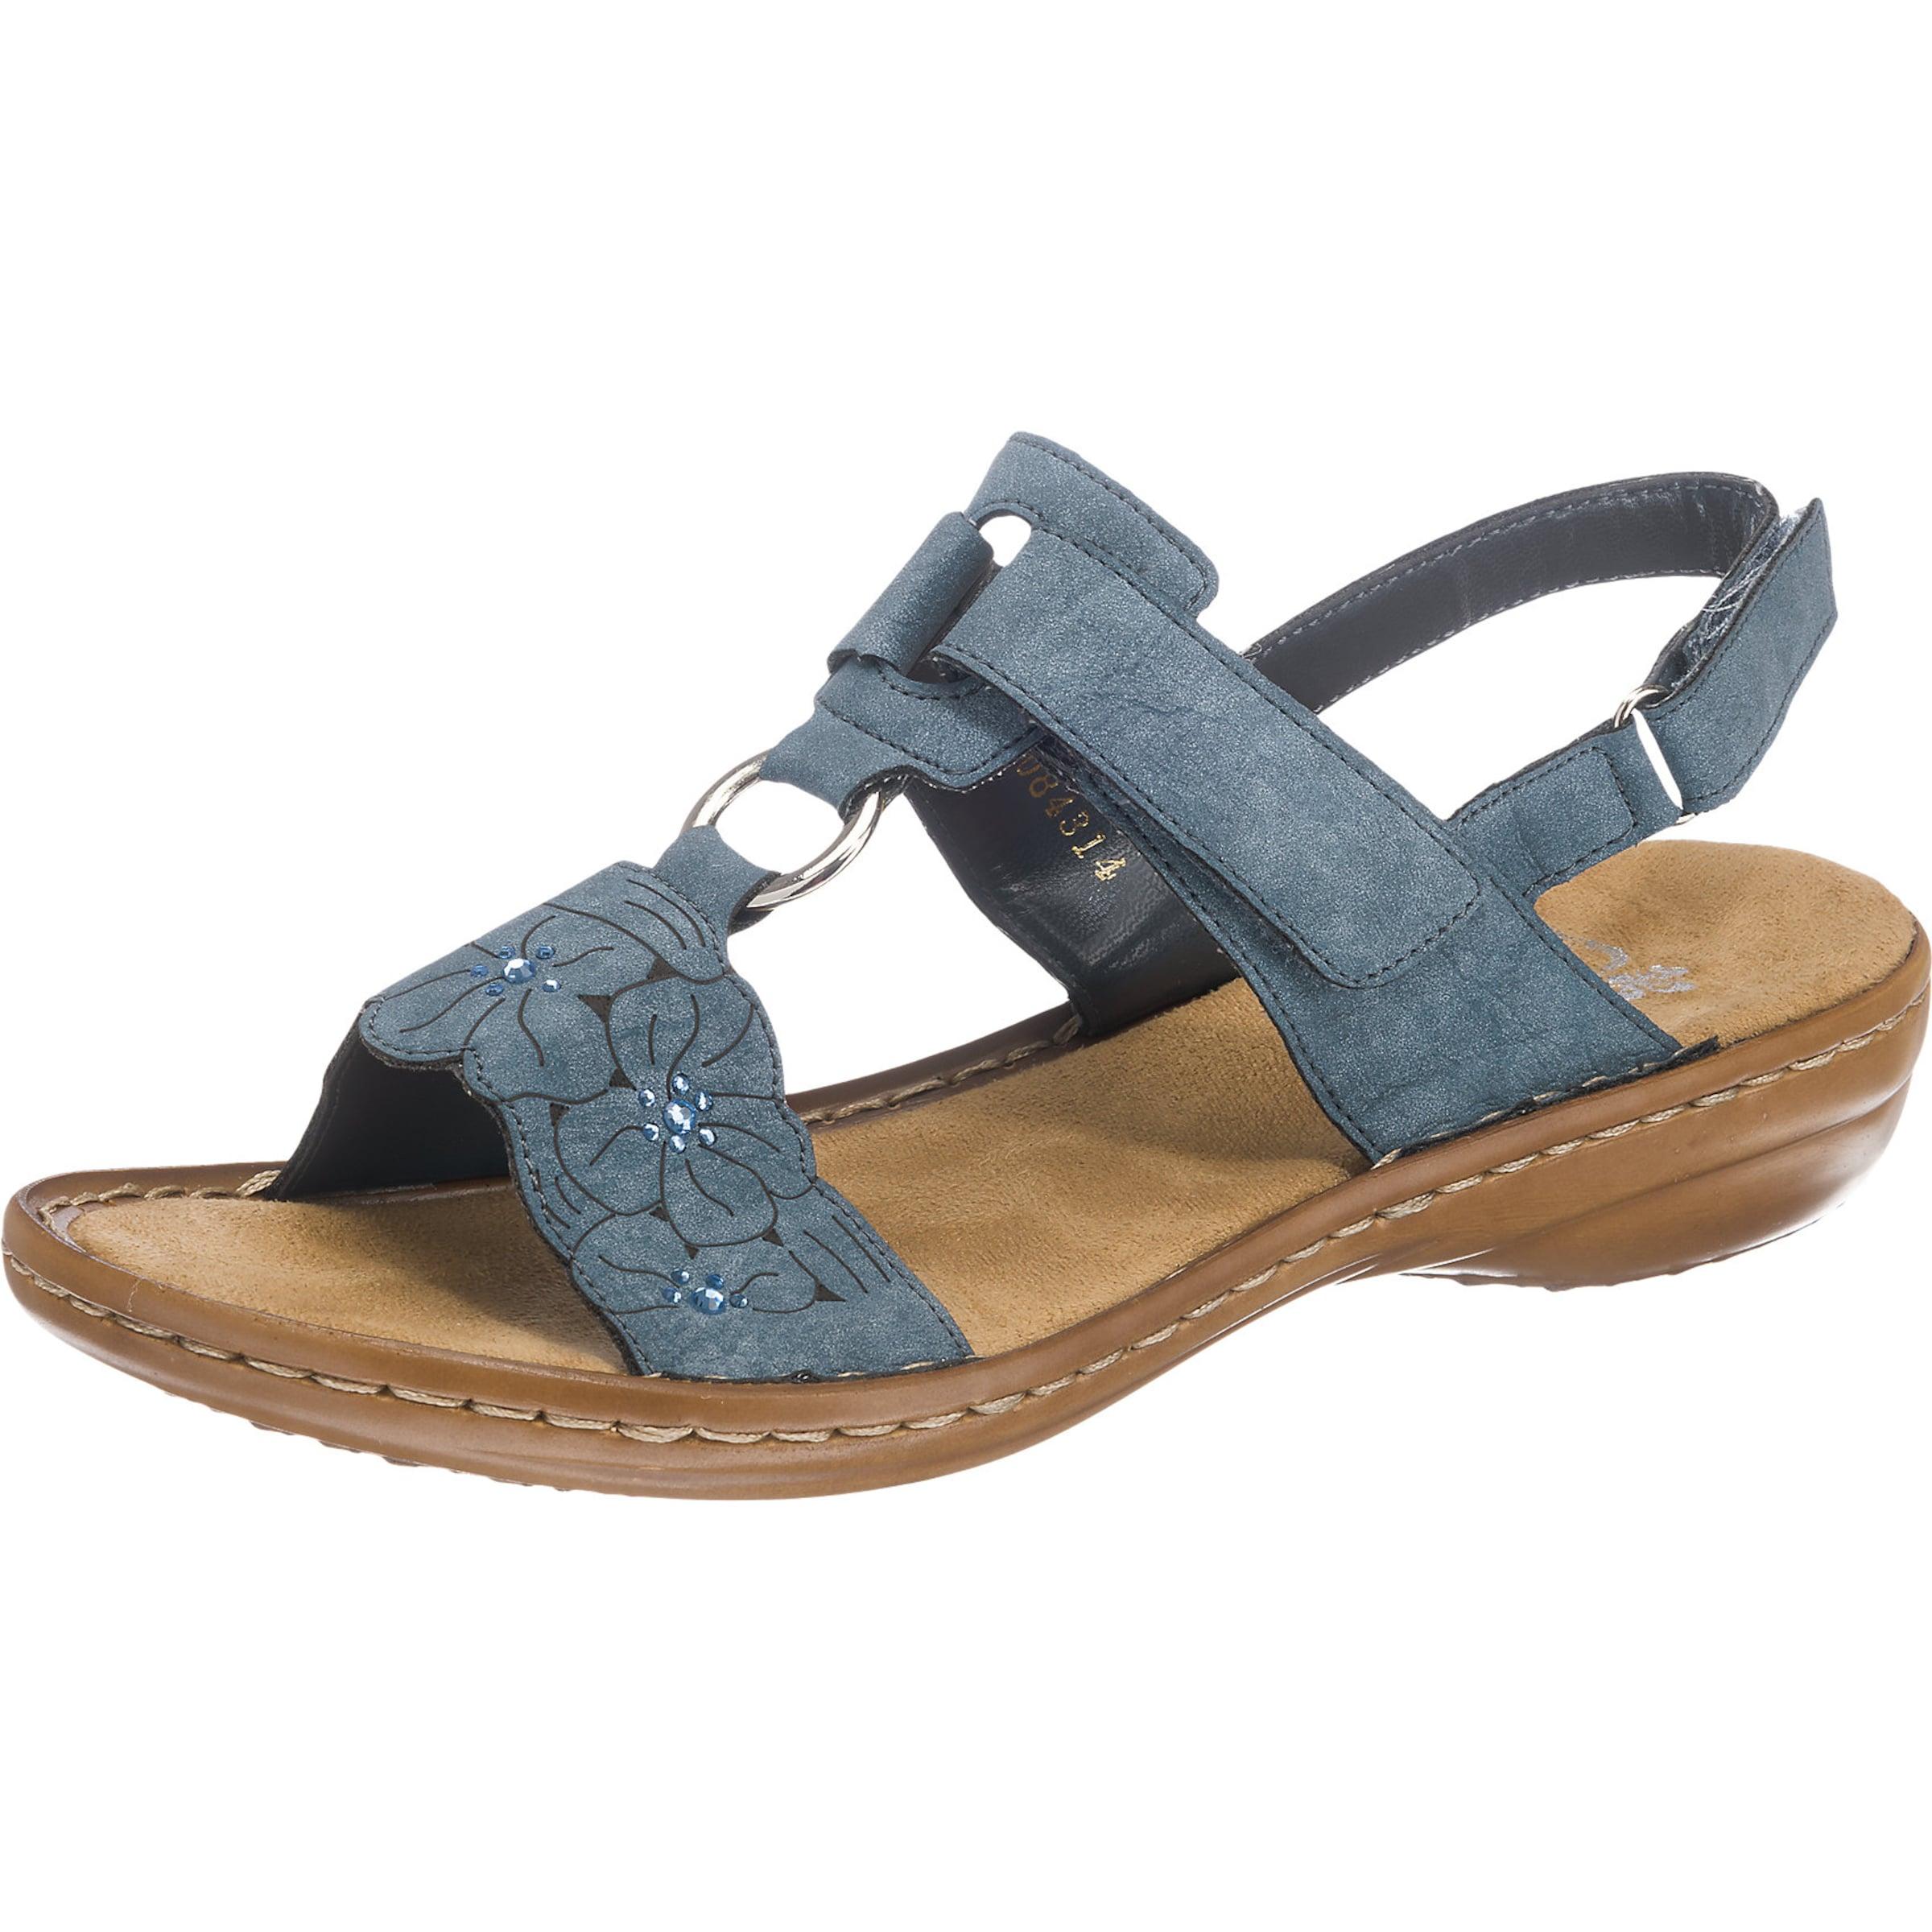 RIEKER Riemchensandale Verschleißfeste billige Schuhe Hohe Qualität